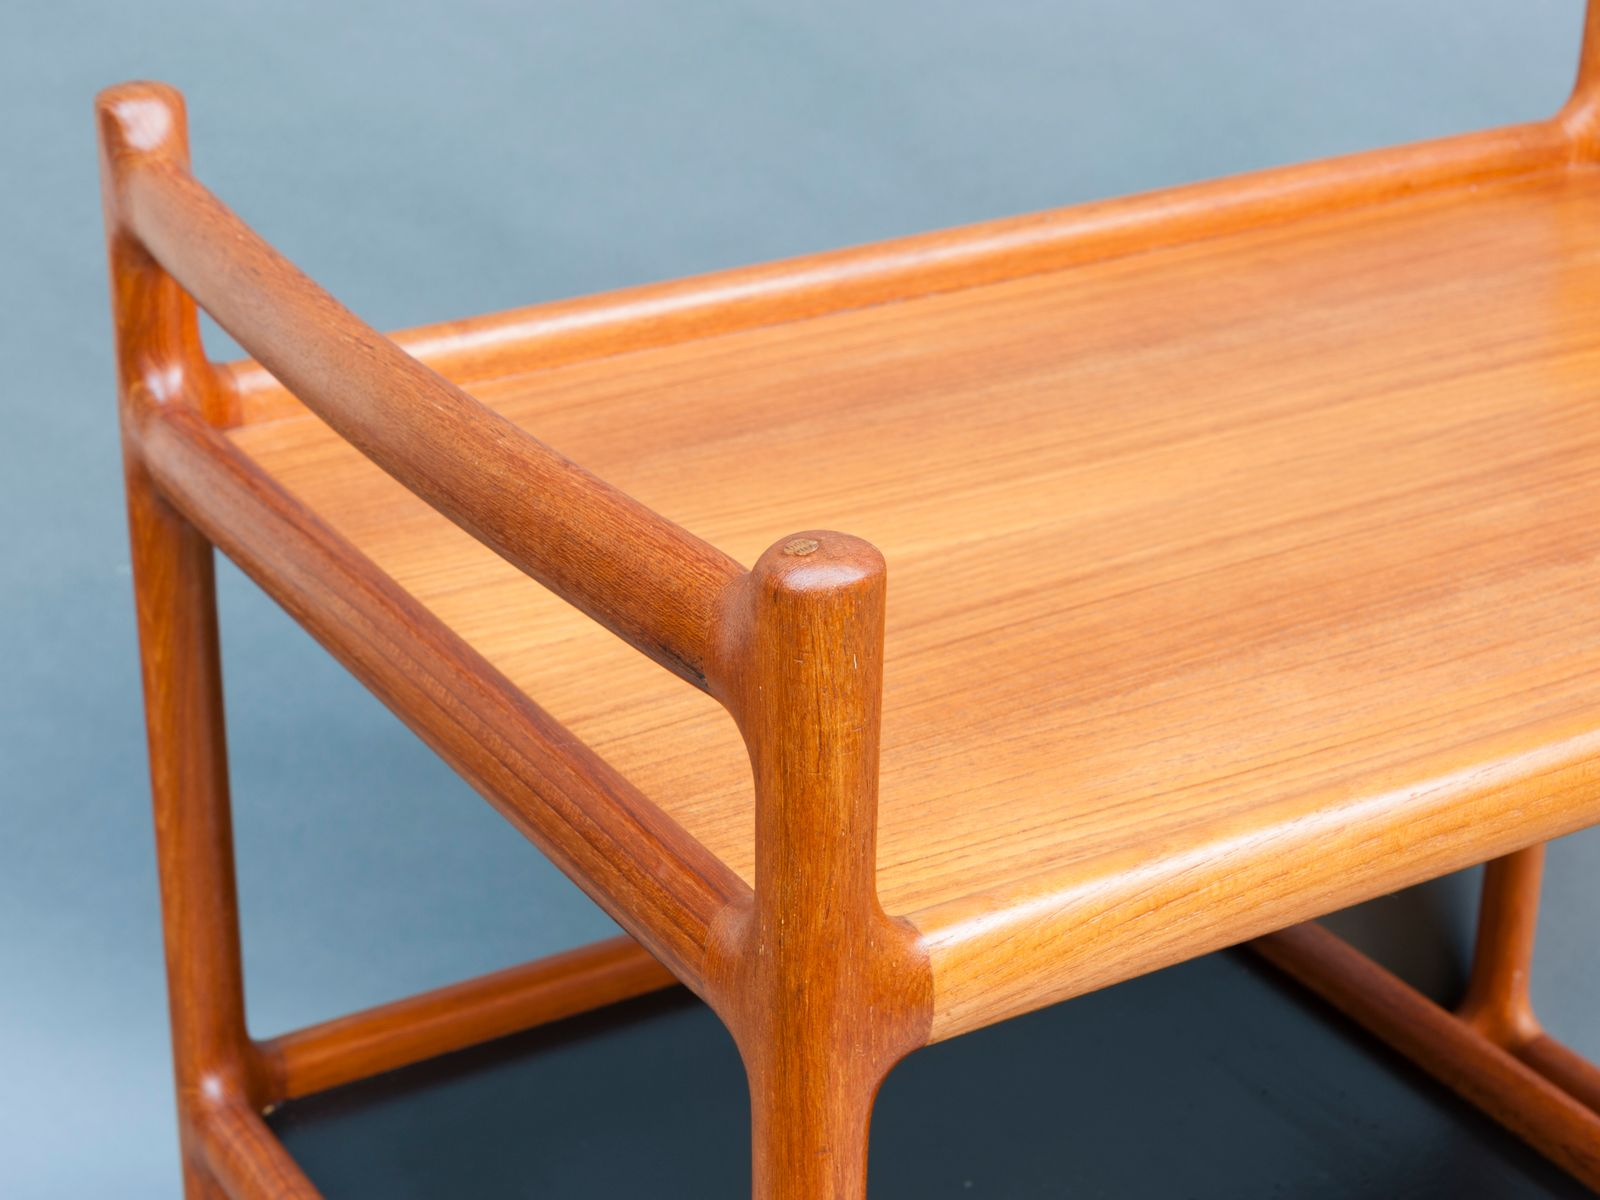 d nischer teak servierwagen von johannes andersen f r cfc silkeborg mobelfabrik 1960er bei. Black Bedroom Furniture Sets. Home Design Ideas